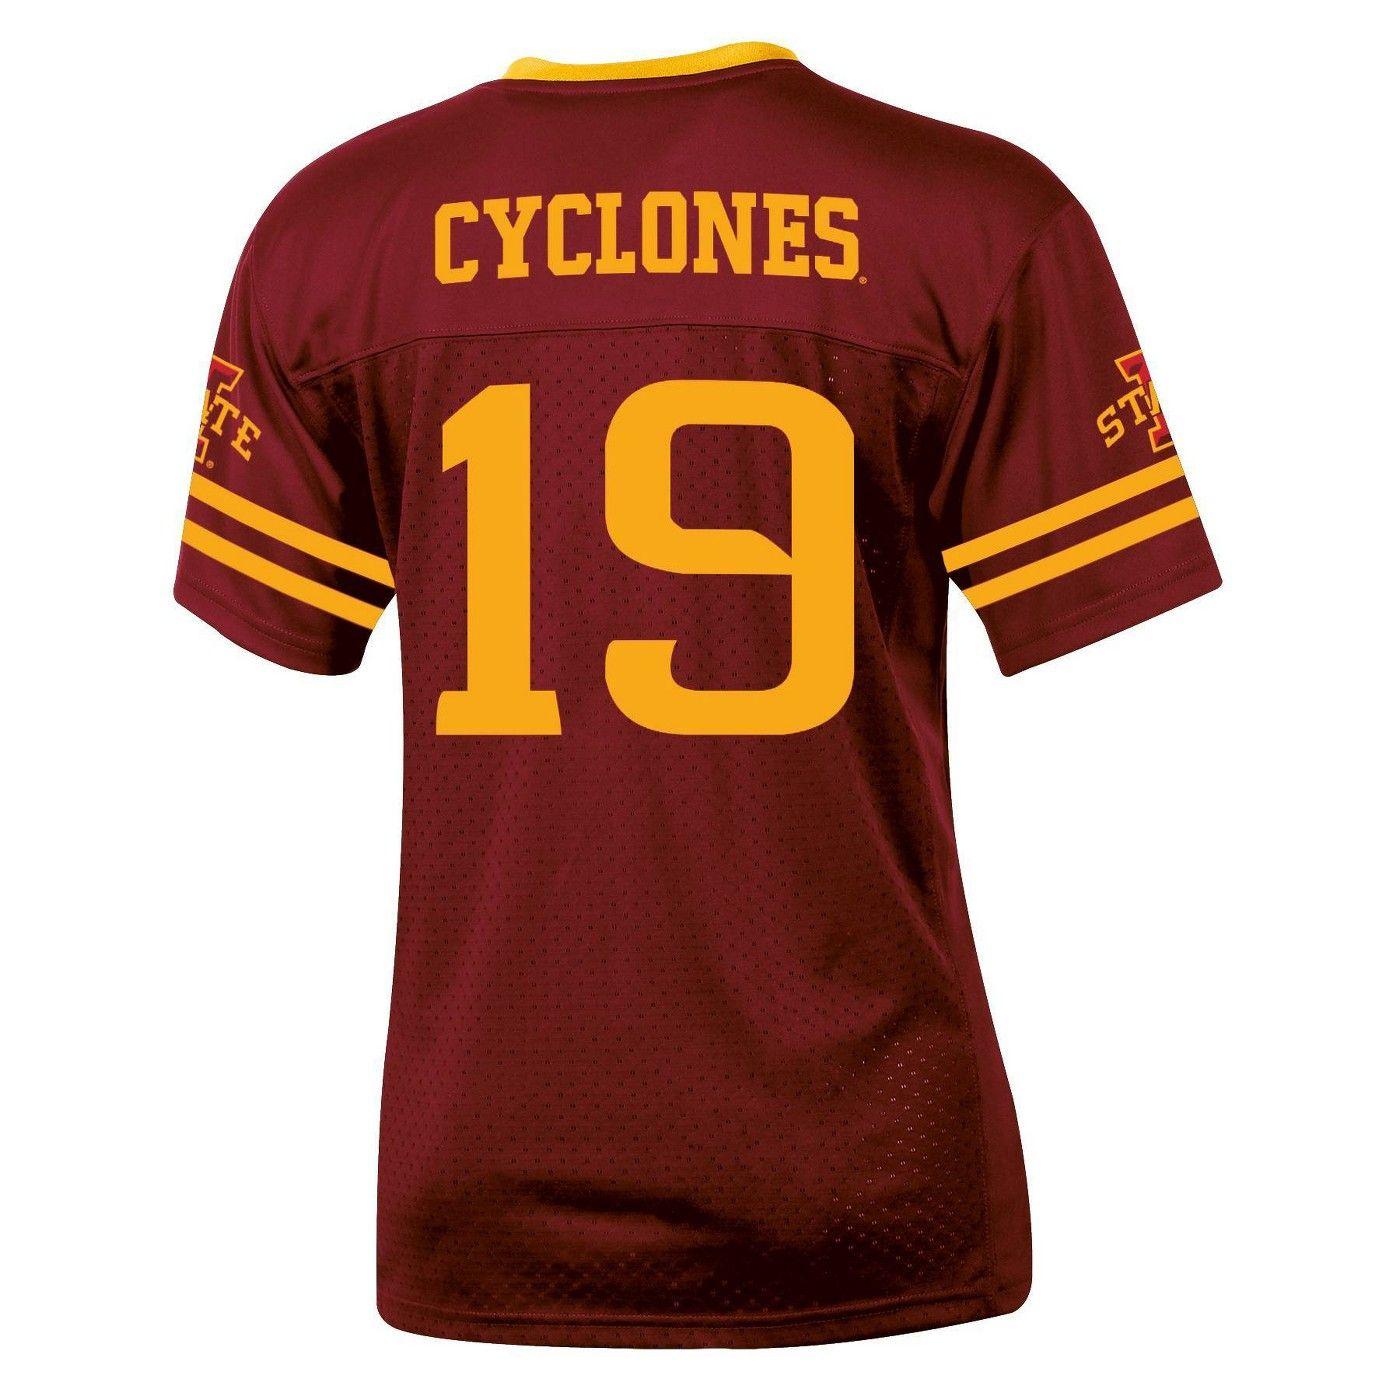 Ncaa Iowa State Cyclones Boys Short Sleeve Replica Jersey In 2020 Iowa State Cyclones Iowa State Jersey